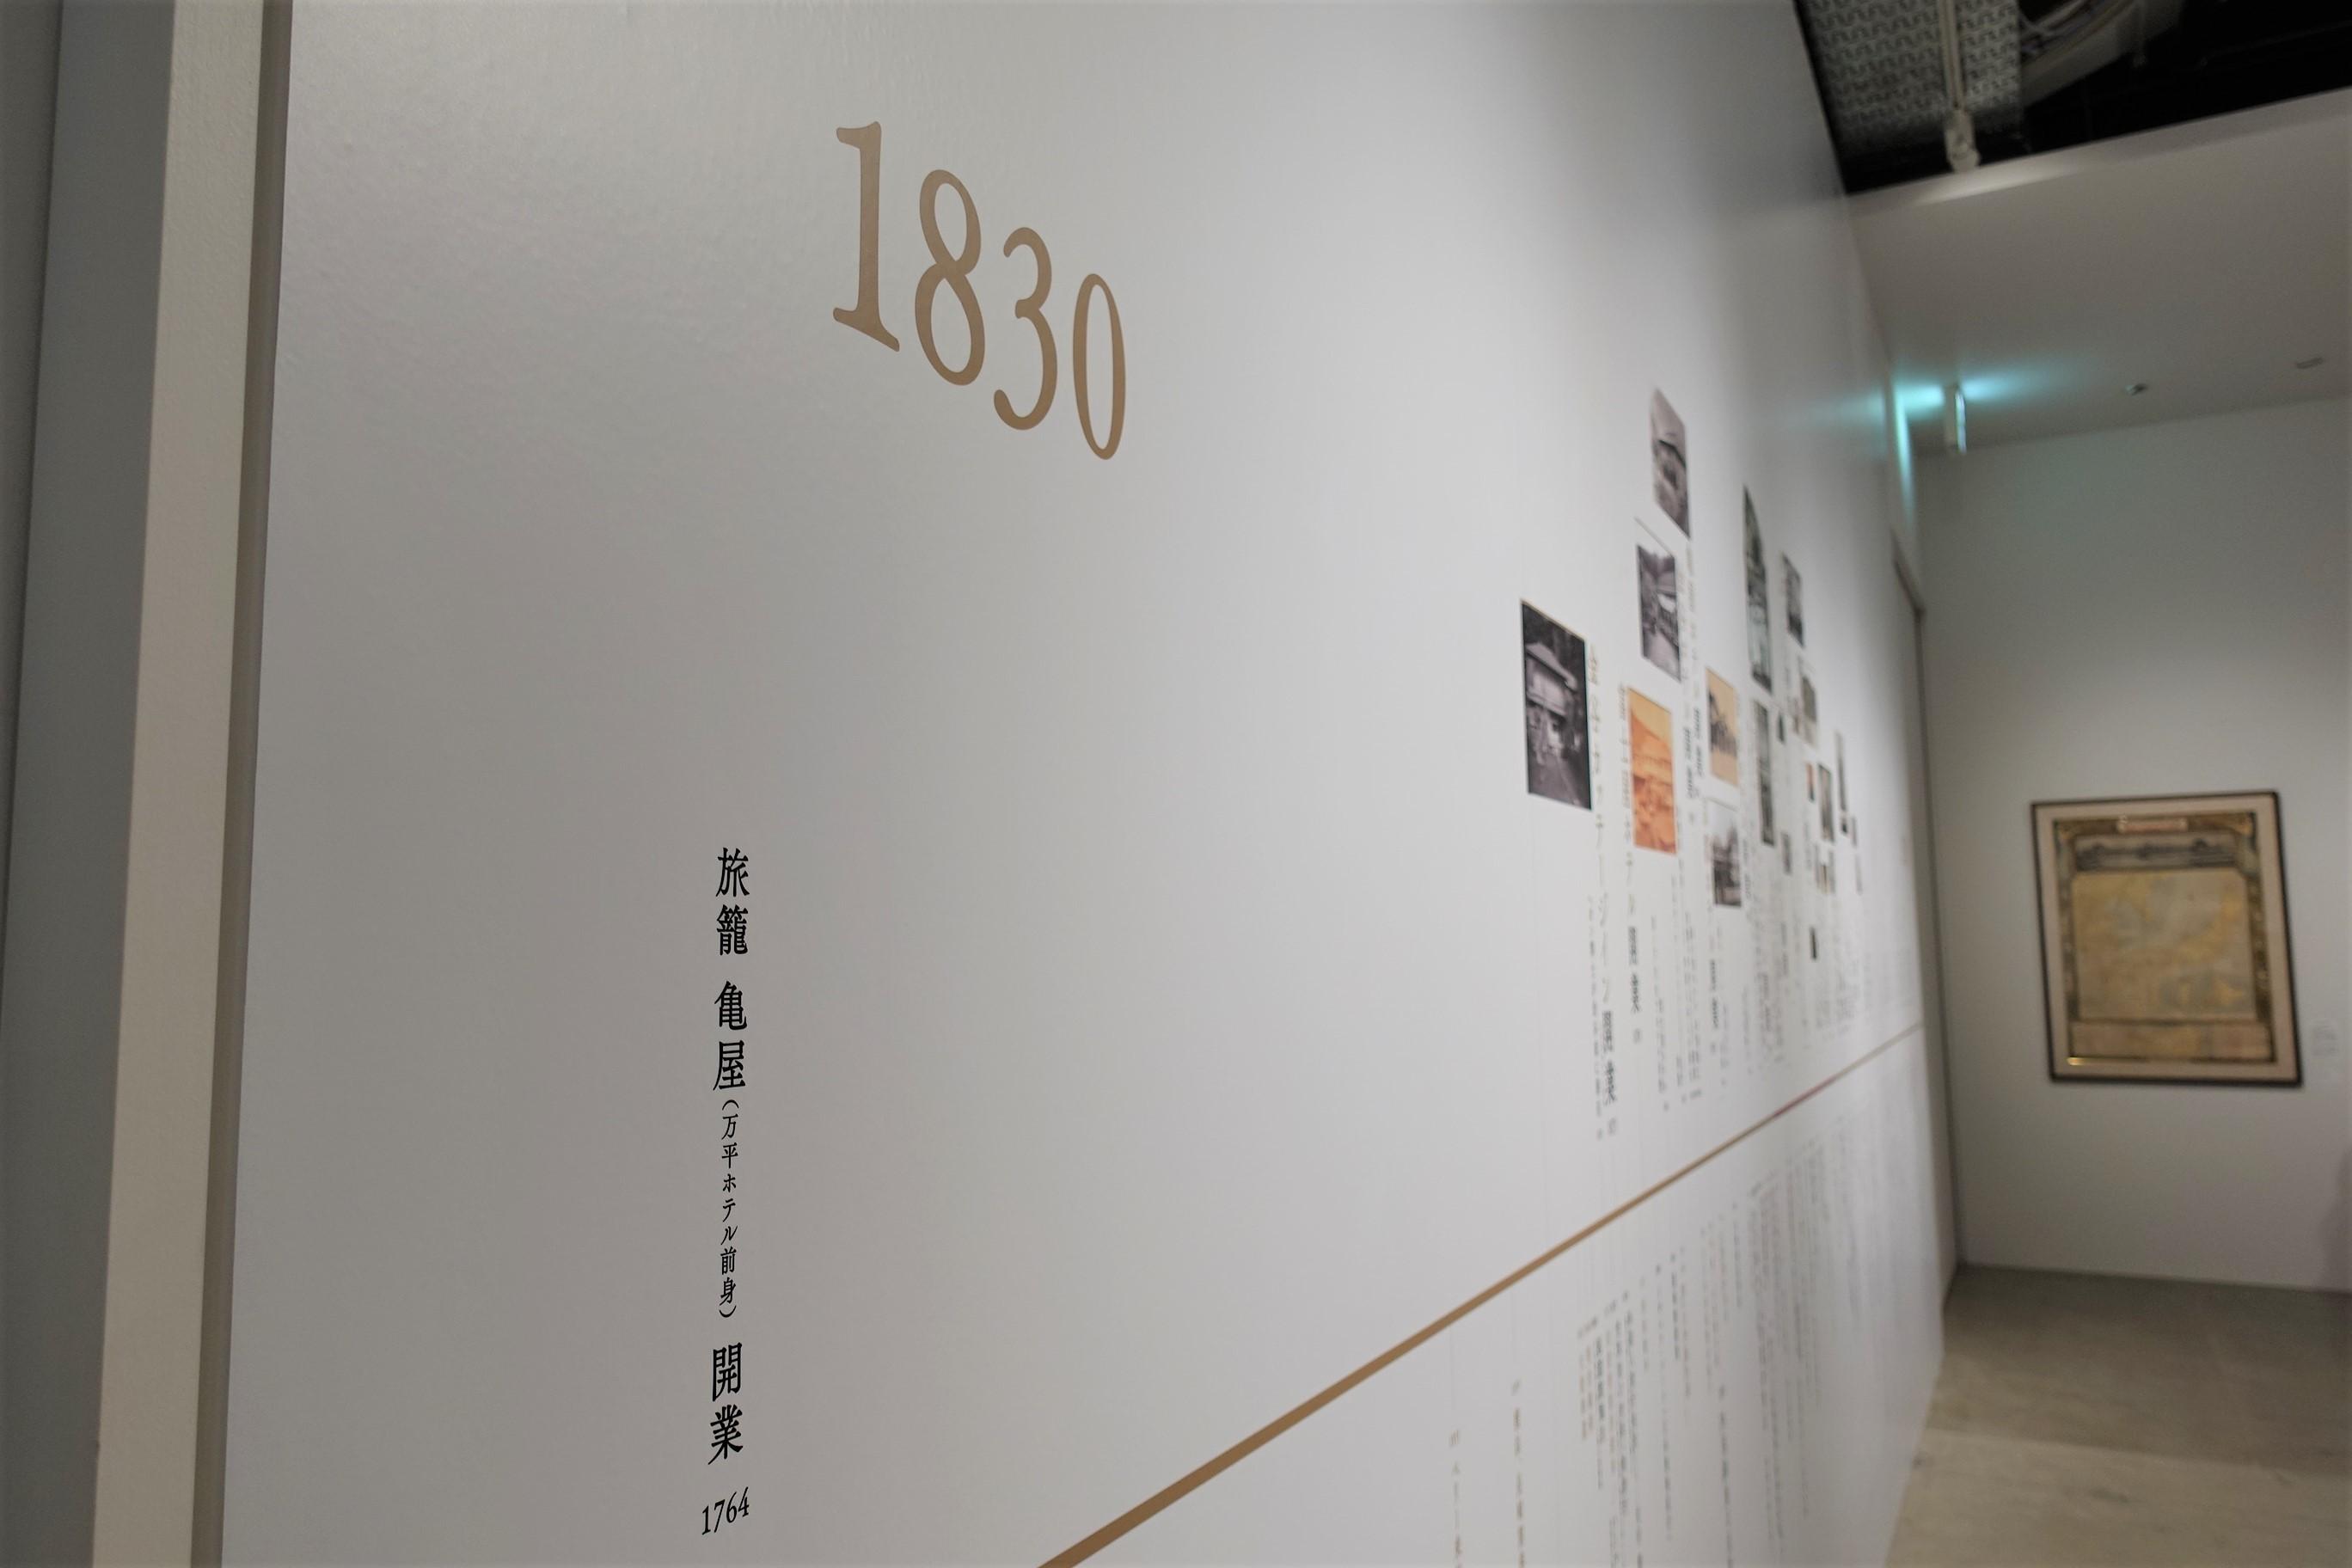 建築倉庫ミュージアム「クラシックホテル展」内覧会に参加してきました_b0053082_20204759.jpg